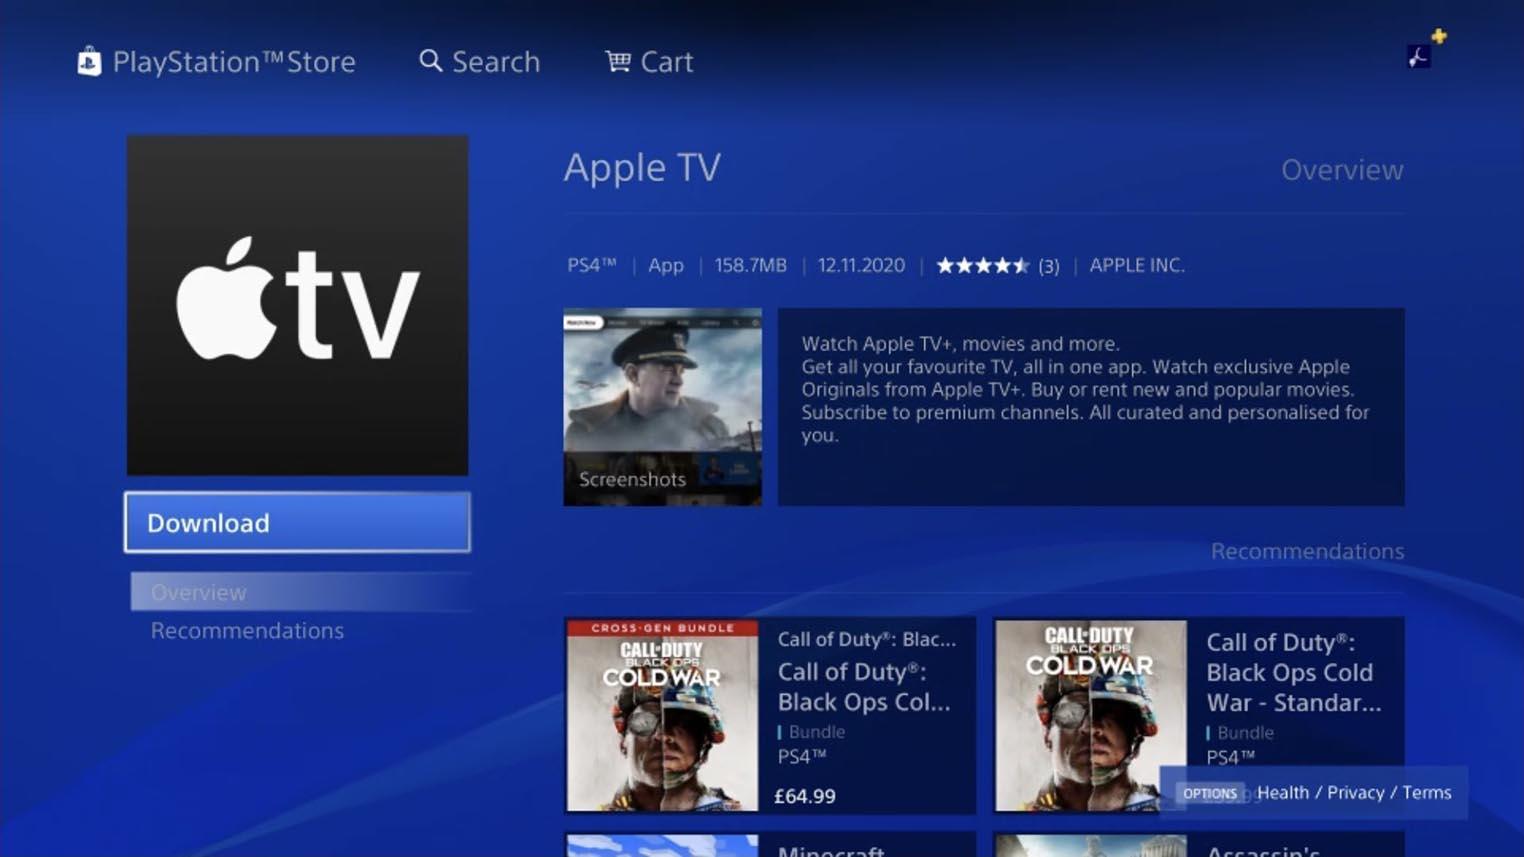 Apple TV app Playstation store